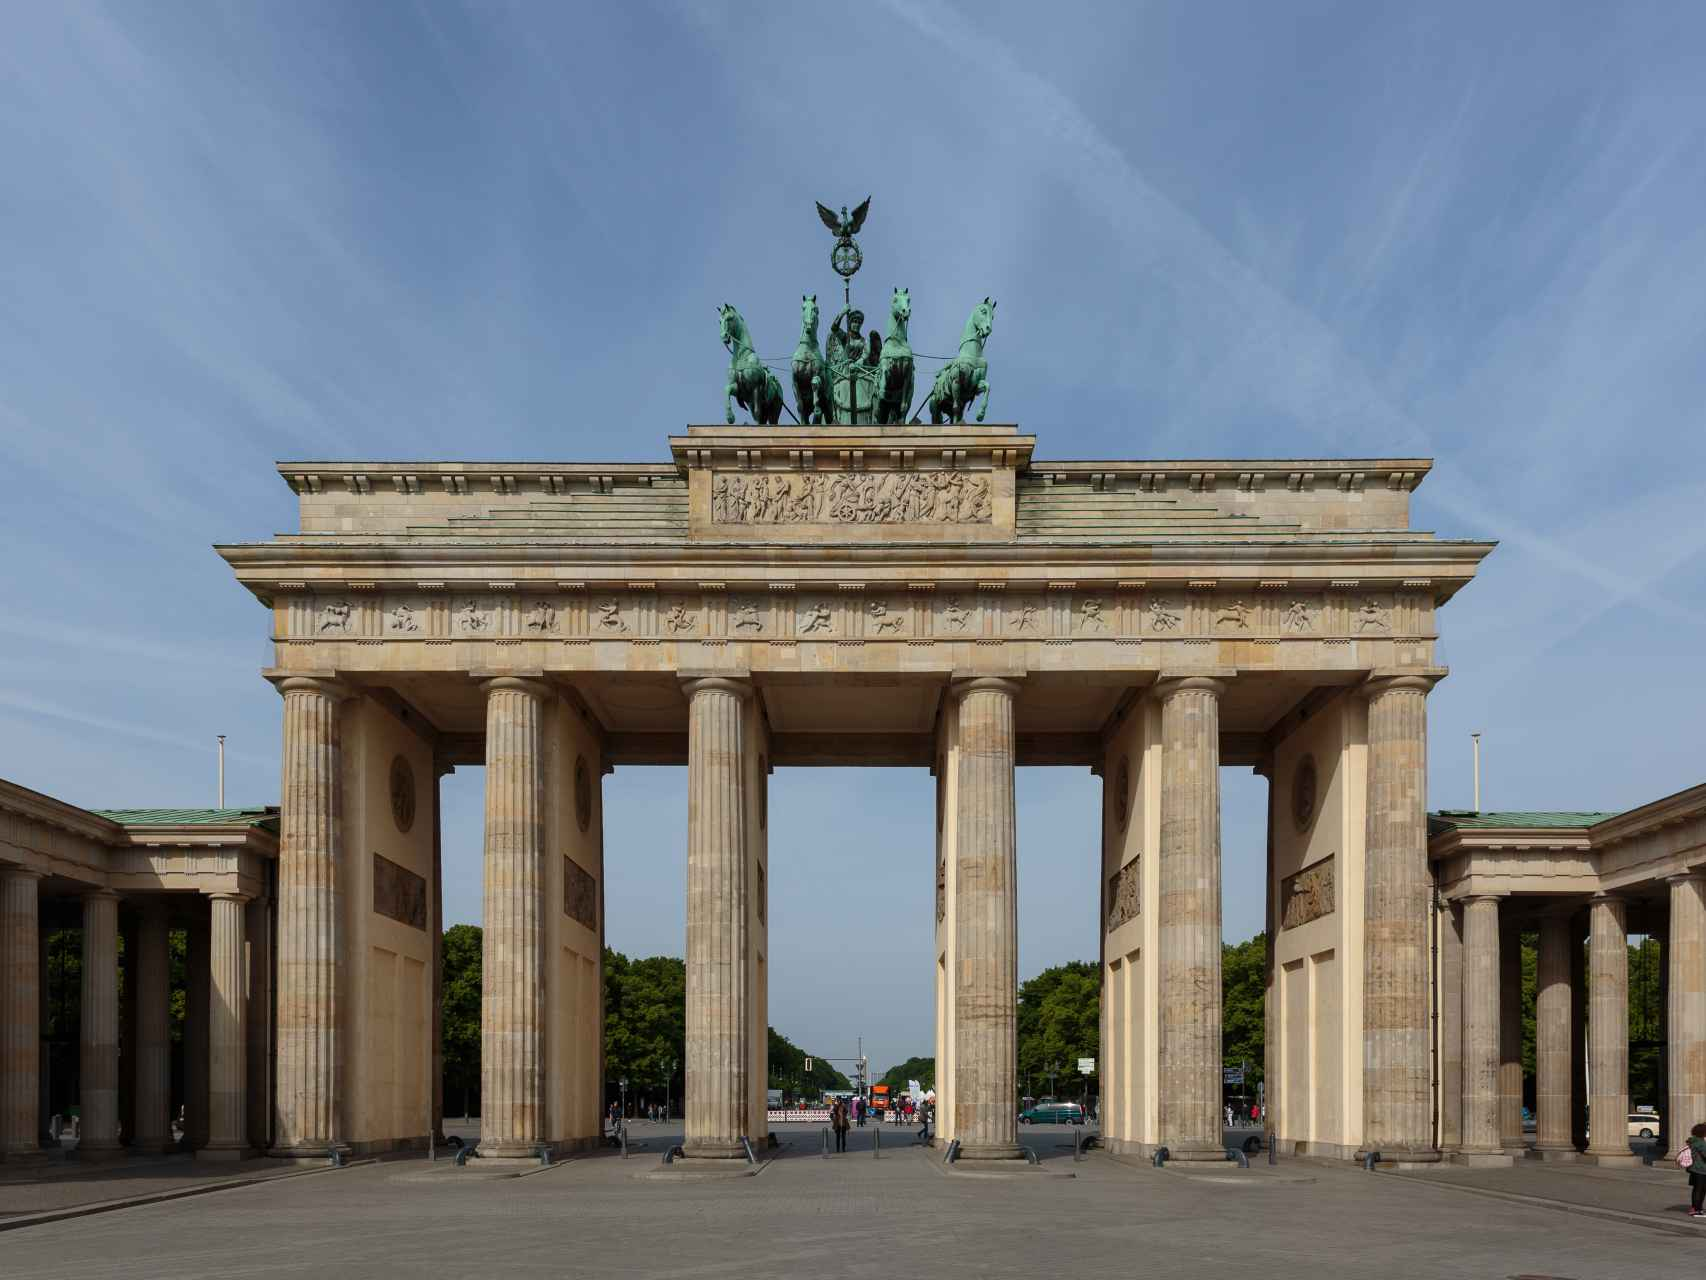 Puerta de Brandenburgo, símbolo de la división y reunificación alemana